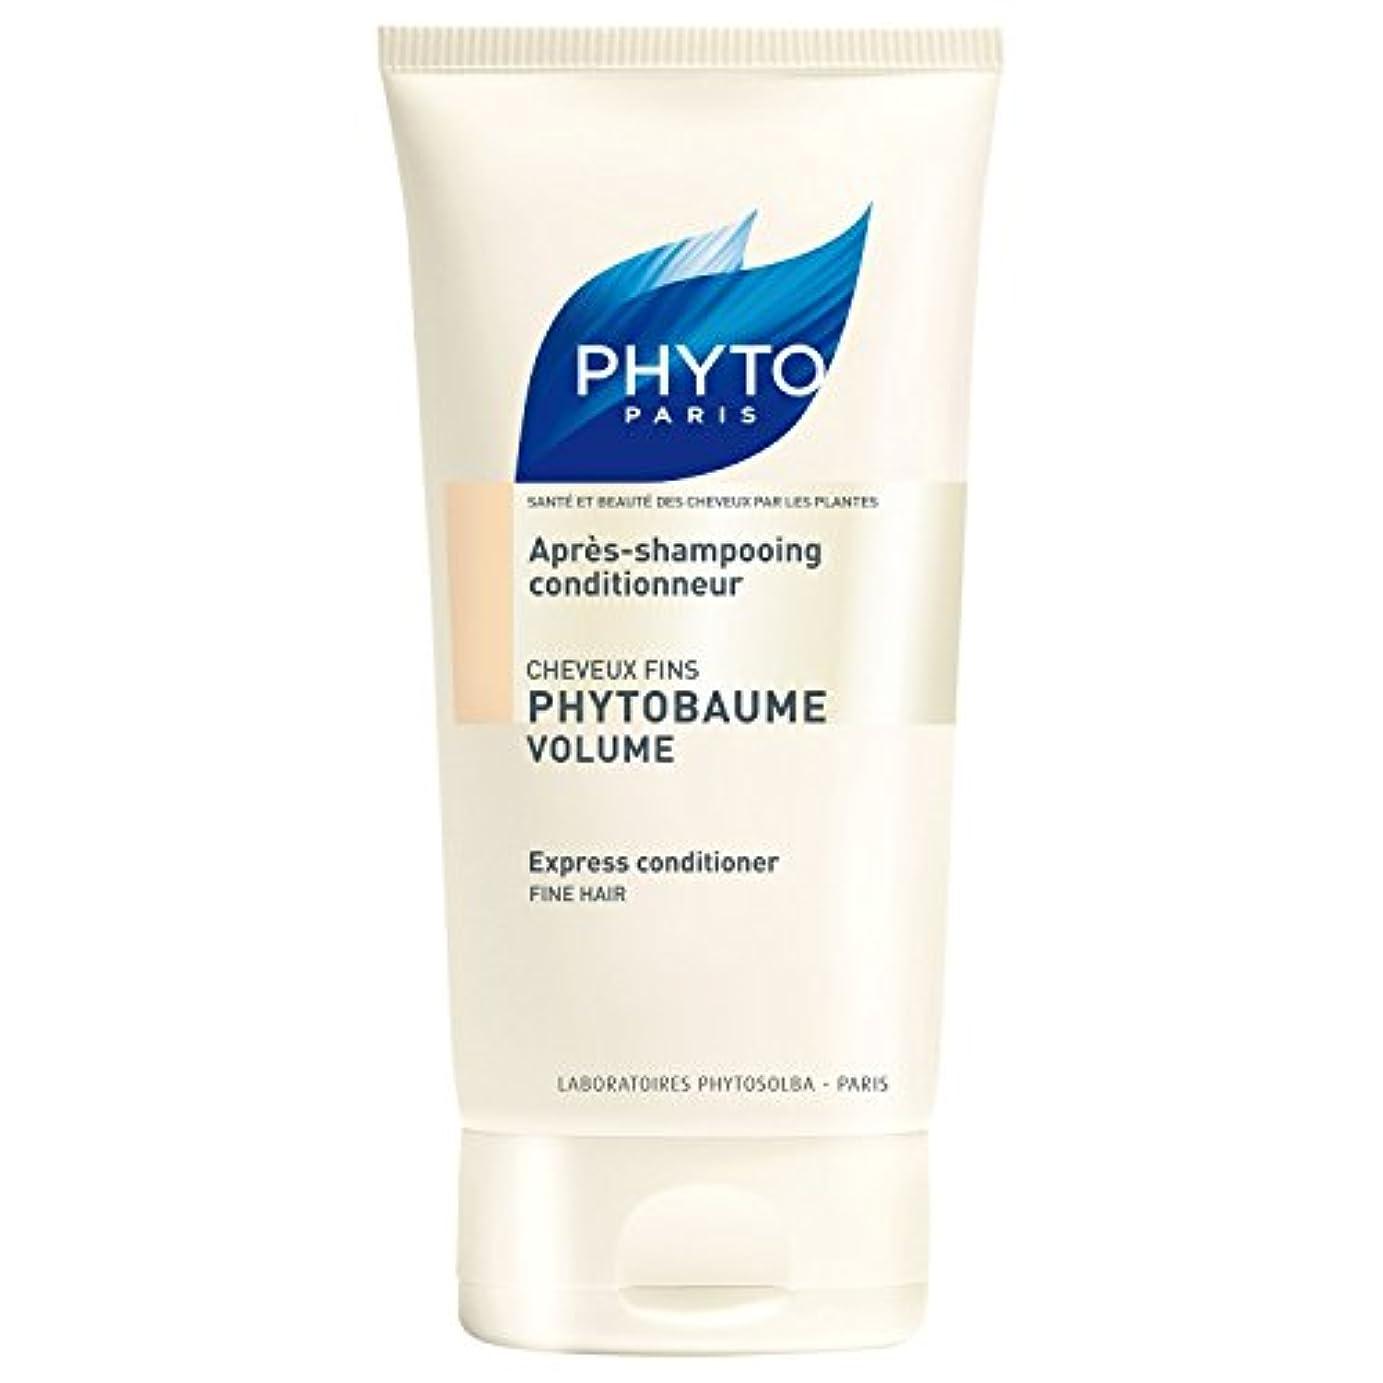 ラボ人種刺します細い髪の150ミリリットルのためのフィトPhytobaumeボリュームエクスプレスコンディショナー (Phyto) - Phyto Phytobaume Volume Express Conditioner for Fine...